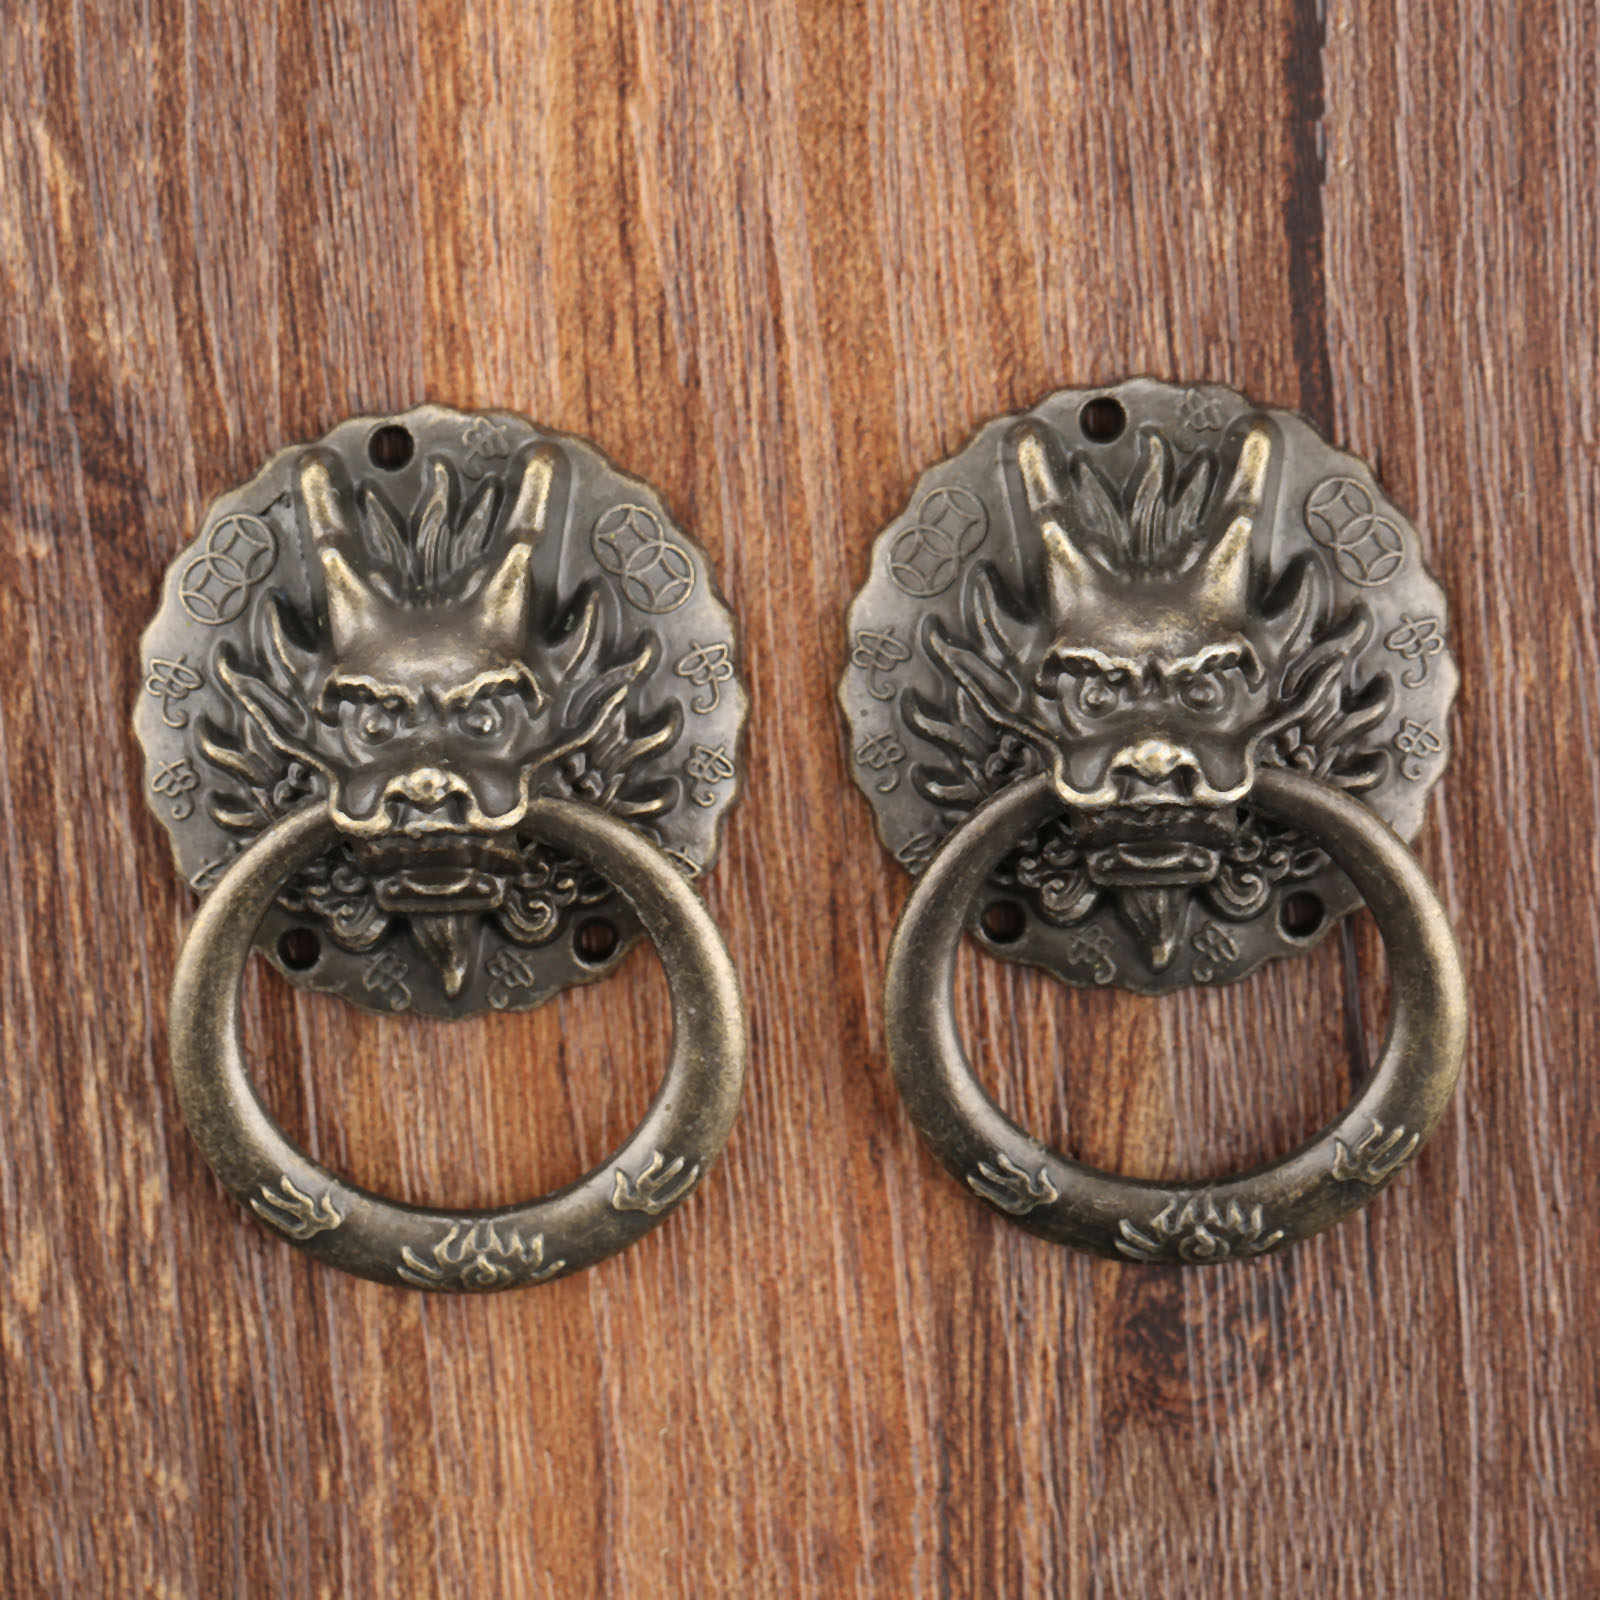 2 Stuks Vintage Dragon Head Meubelen Deur Pull Handle Kast Ladekast Knoppen Ring Handvat Meubels Hareware 32*47mm